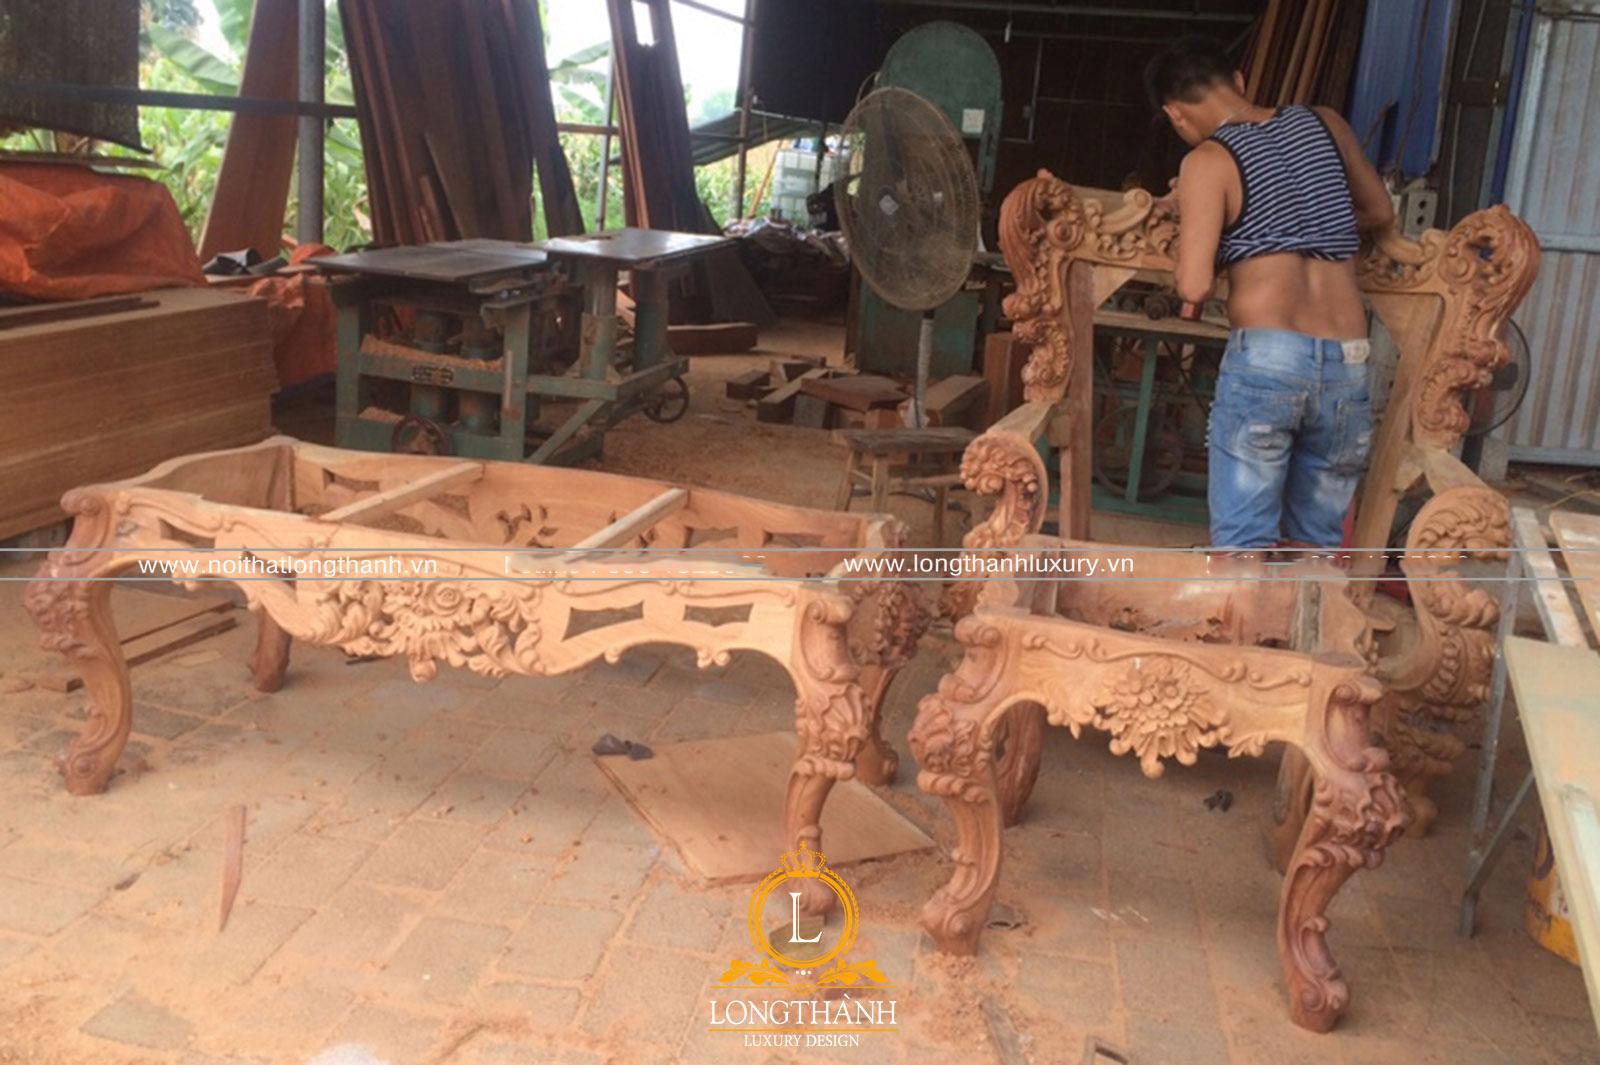 Sofa được người thợ chạm khắc tỉ mỉ